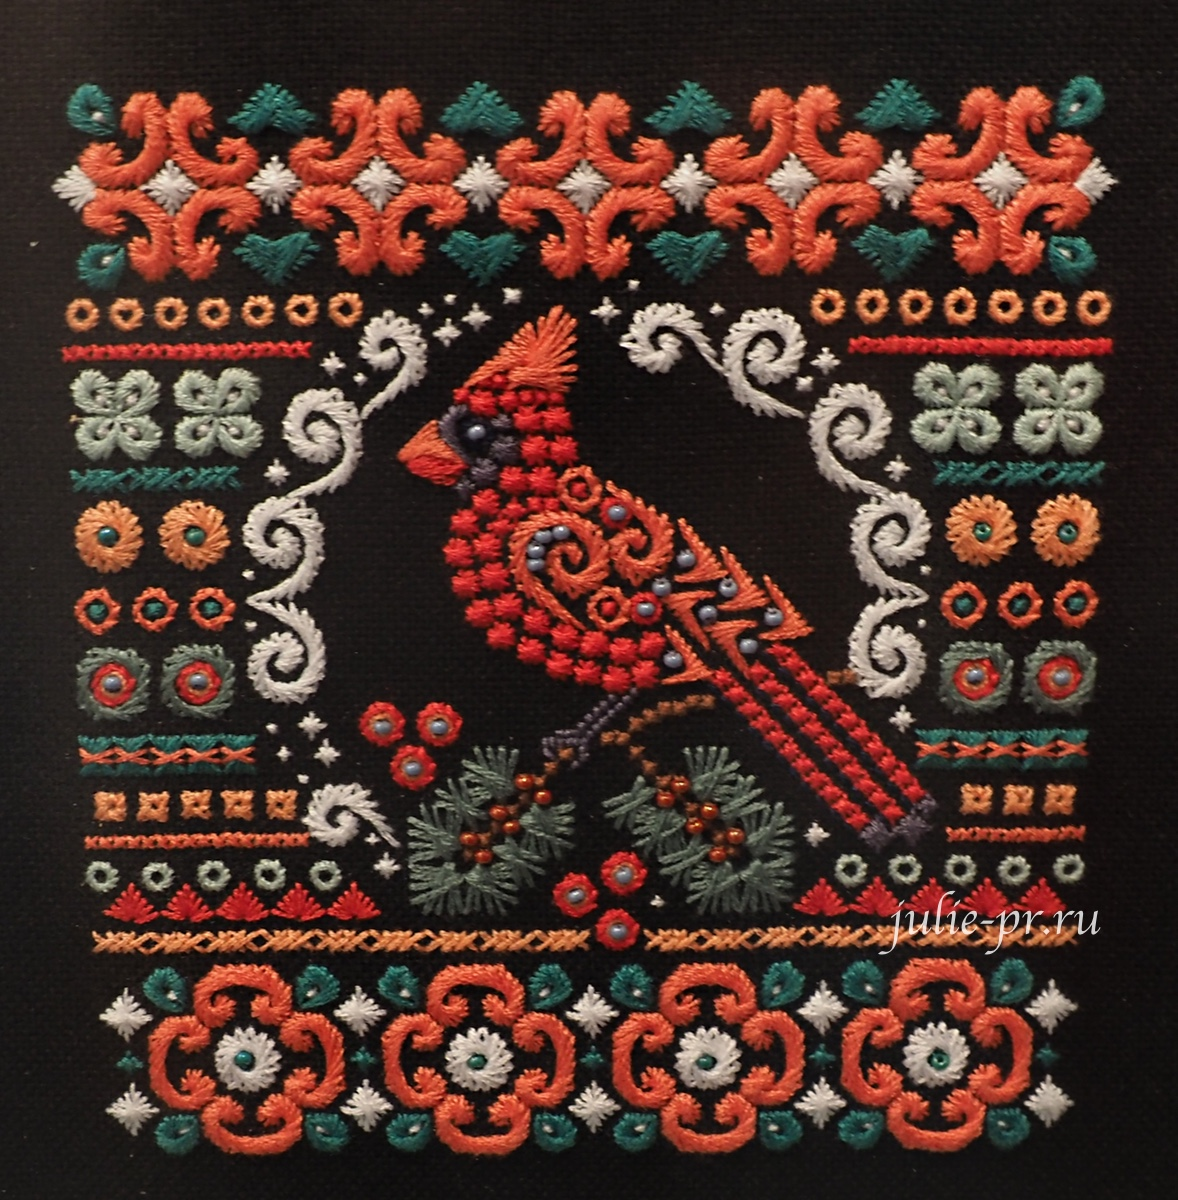 панна, формула рукоделия осень 2021, вышивка шовчиками, выставка